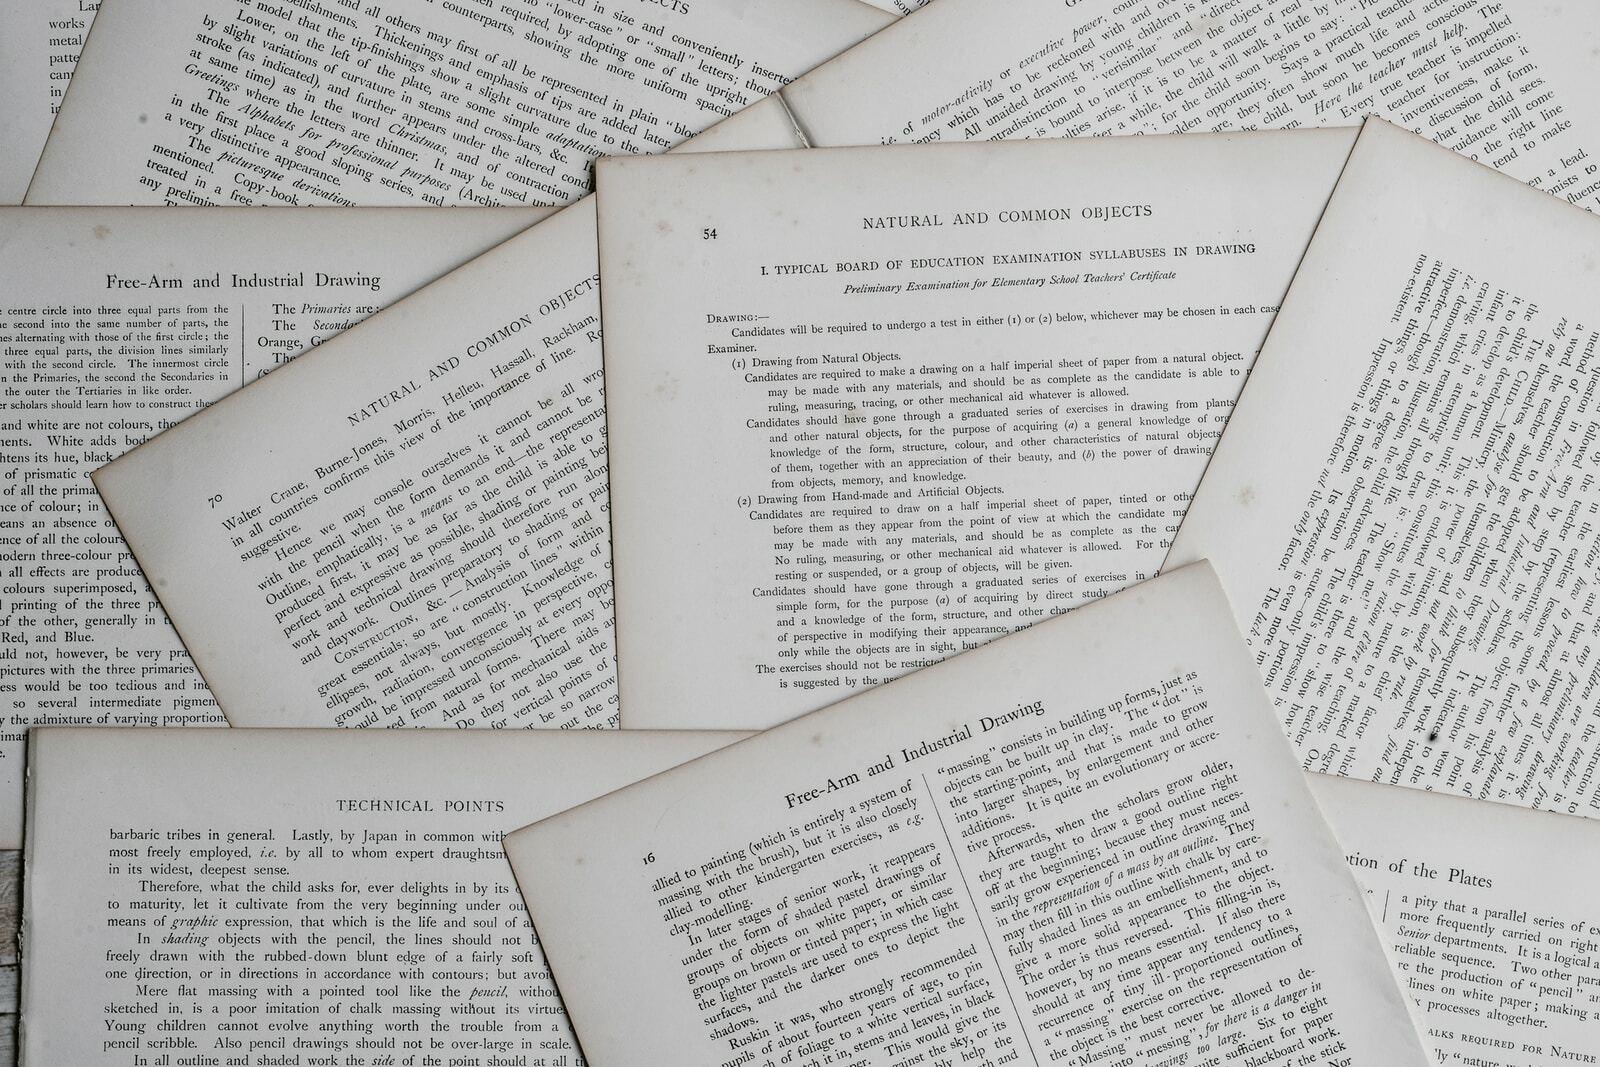 Klauzule abuzywne w umowach frankowych